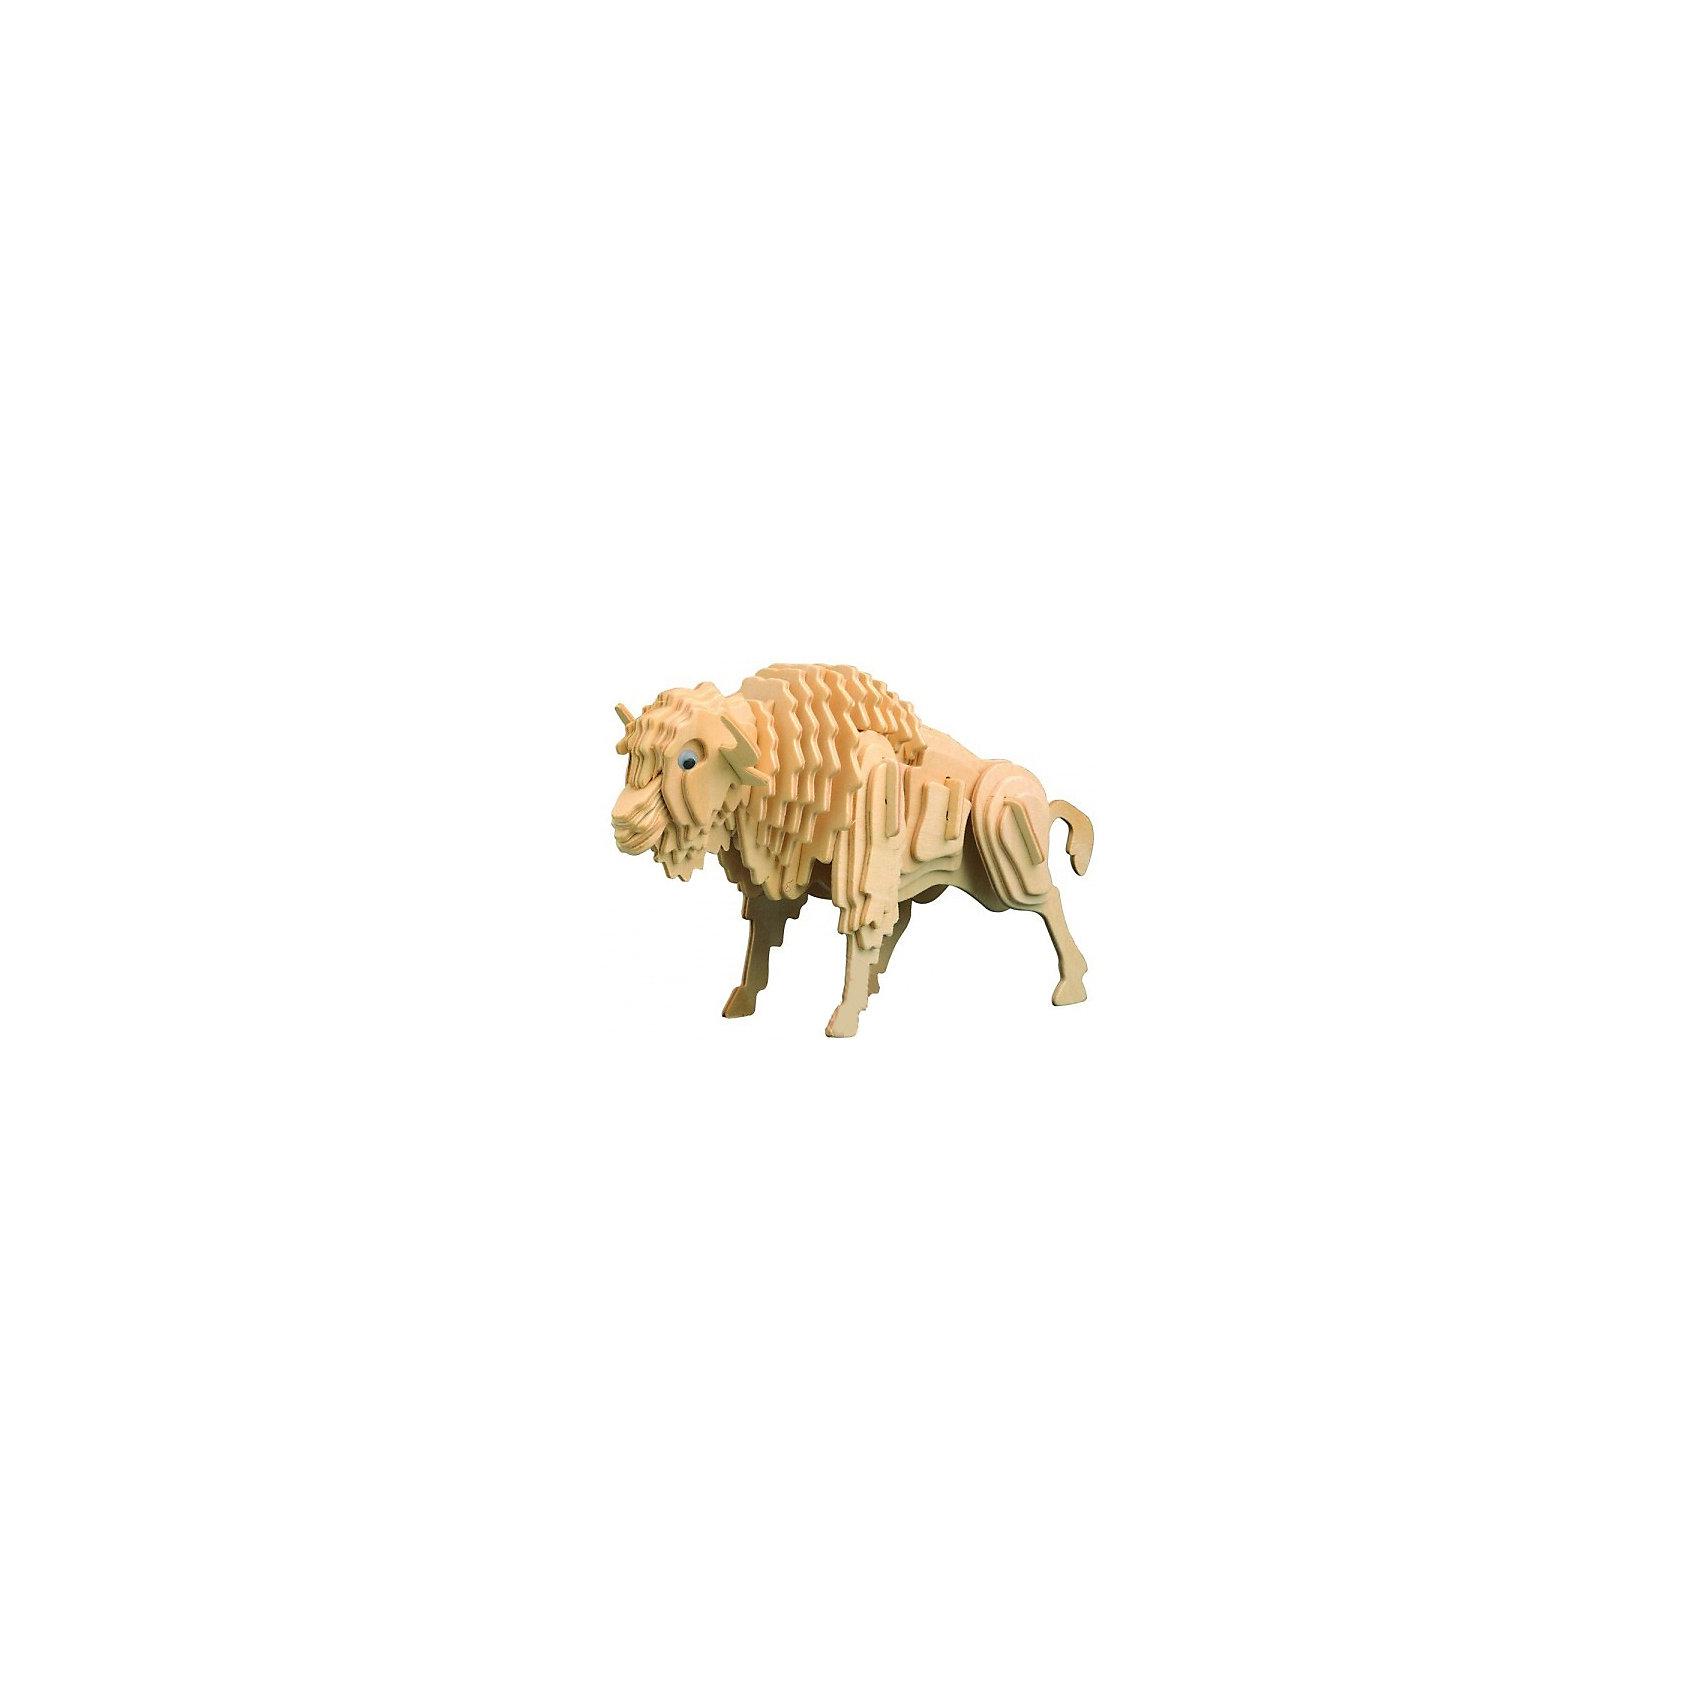 Бизон, Мир деревянных игрушекРазвивать свои способности ребенок может, сам собирая деревянные фигуры! Специально для любящих творчество и интересующихся животным миром были разработаны эти 3D-пазлы. Из них получаются красивые очень реалистичные фигуры, которые могут стать украшением комнаты. Для этого нужно выдавить из пластины с деталями элементы для сборки и соединить их. <br>Собирая их, ребенок будет учиться соотносить фигуры, развивать пространственное мышление, память и мелкую моторику. А раскрашивая готовое произведение, дети научатся подбирать цвета и будут развивать художественные навыки. Этот набор произведен из качественных и безопасных для детей материалов - дерево тщательно обработано.<br><br>Дополнительная информация:<br><br>материал: дерево;<br>цвет: бежевый;<br>элементы: пластины с деталями для сборки;<br>размер упаковки: 23 х 18 см.<br><br>3D-пазл Бизон от бренда Мир деревянных игрушек можно купить в нашем магазине.<br><br>Ширина мм: 225<br>Глубина мм: 30<br>Высота мм: 180<br>Вес г: 450<br>Возраст от месяцев: 36<br>Возраст до месяцев: 144<br>Пол: Унисекс<br>Возраст: Детский<br>SKU: 4969079